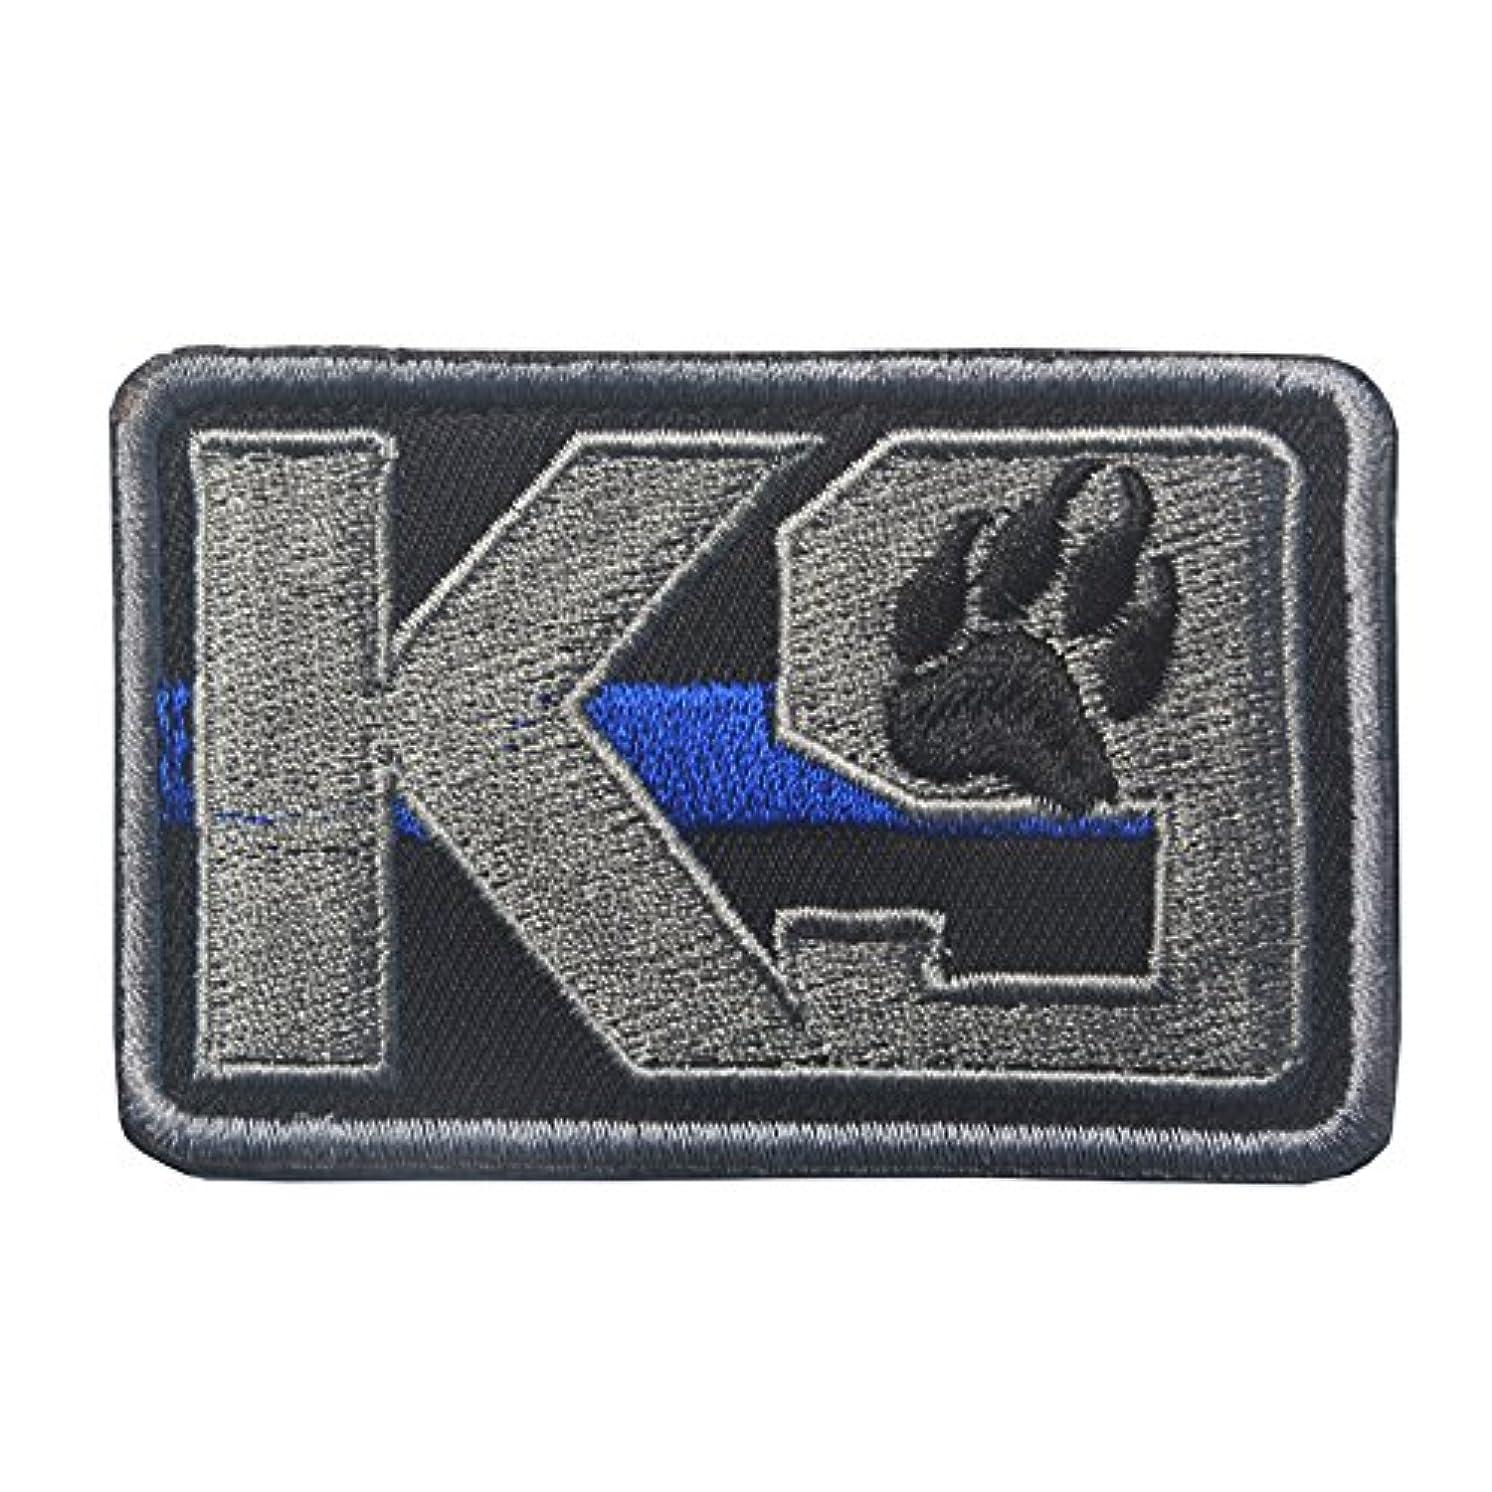 K9 & Crossbone Killer Attack Police Dog Fastener Patch Embroidered Army SWAT Morale Hook Loop Backing Tactial Badge SWAT for Service Animal Vest (K9 Blue line)